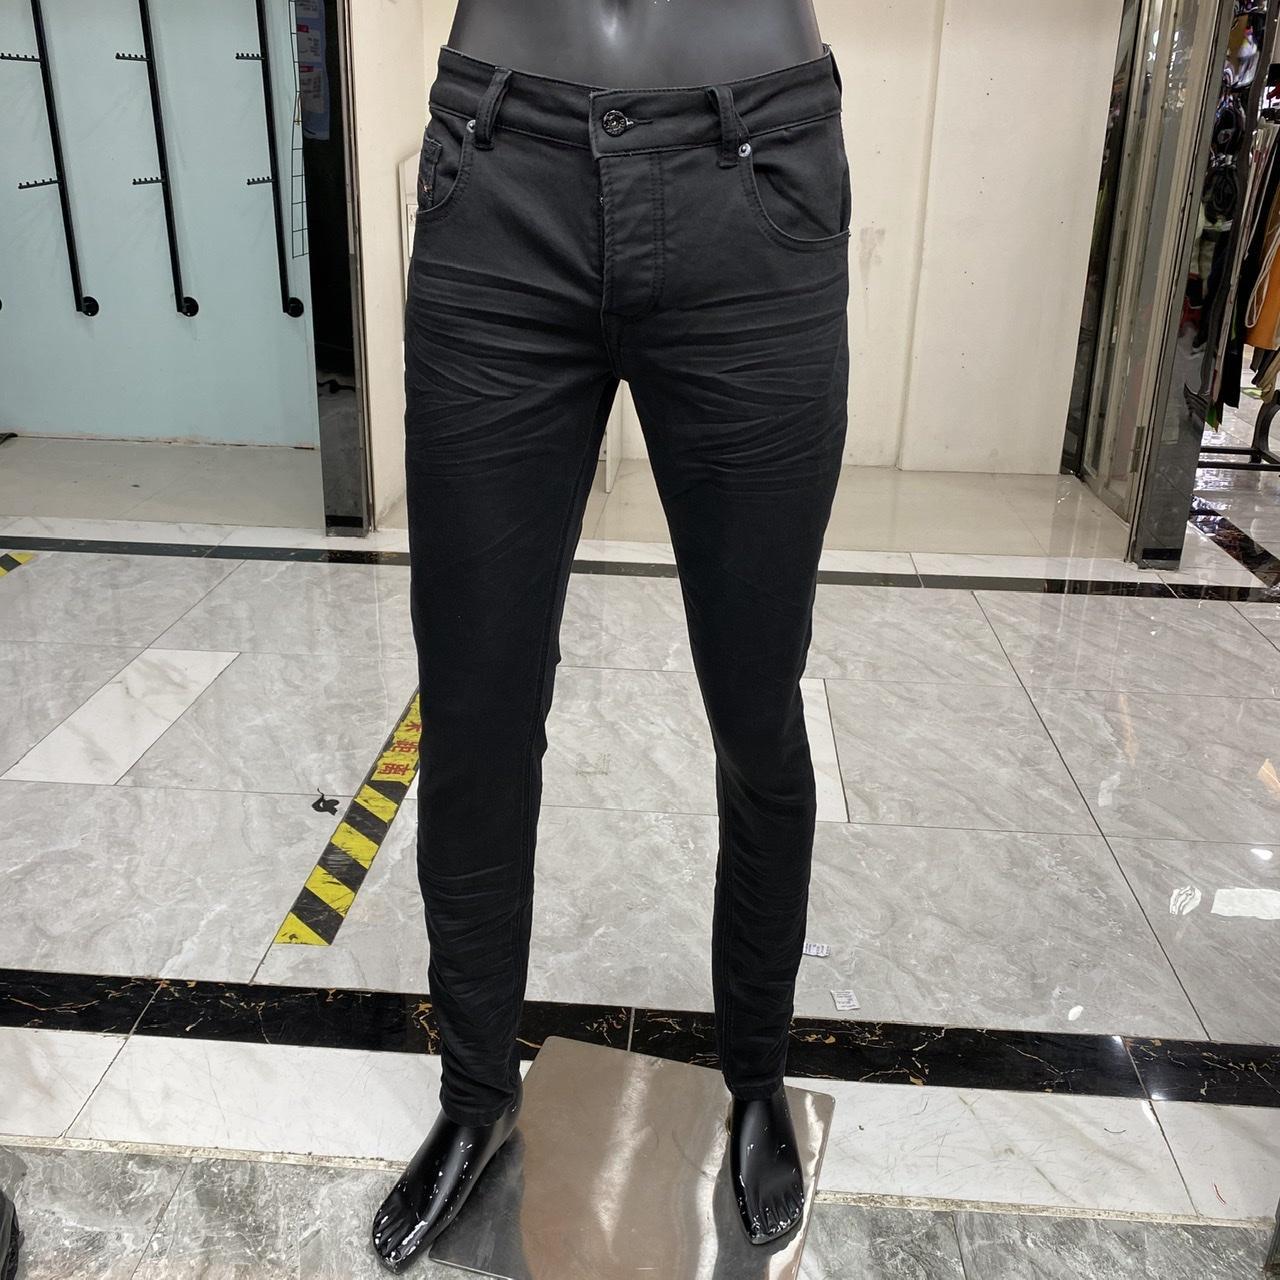 20S luxurys Designer Hommes Jeans Slim Visage Mark Designer-jambe Jeans New Vintage Patch trou Mode Hommes Jeans Biker Pantalons causales Hip Hop Denim